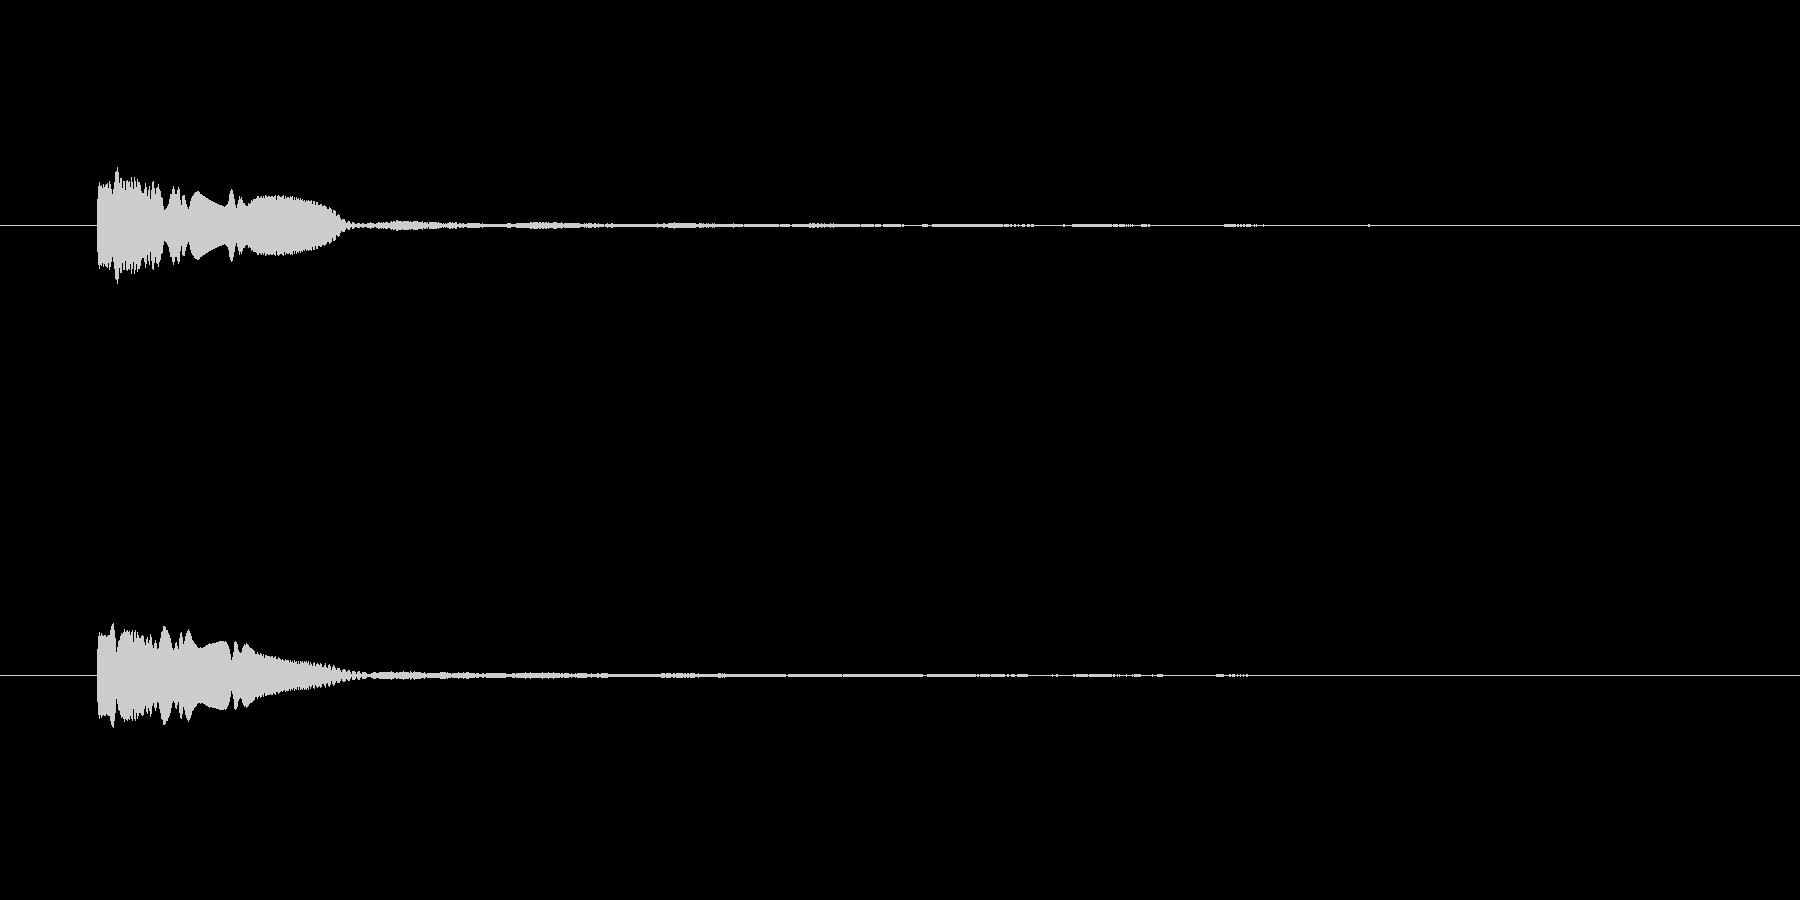 クローーン テロップ・決定音・タッチ音の未再生の波形